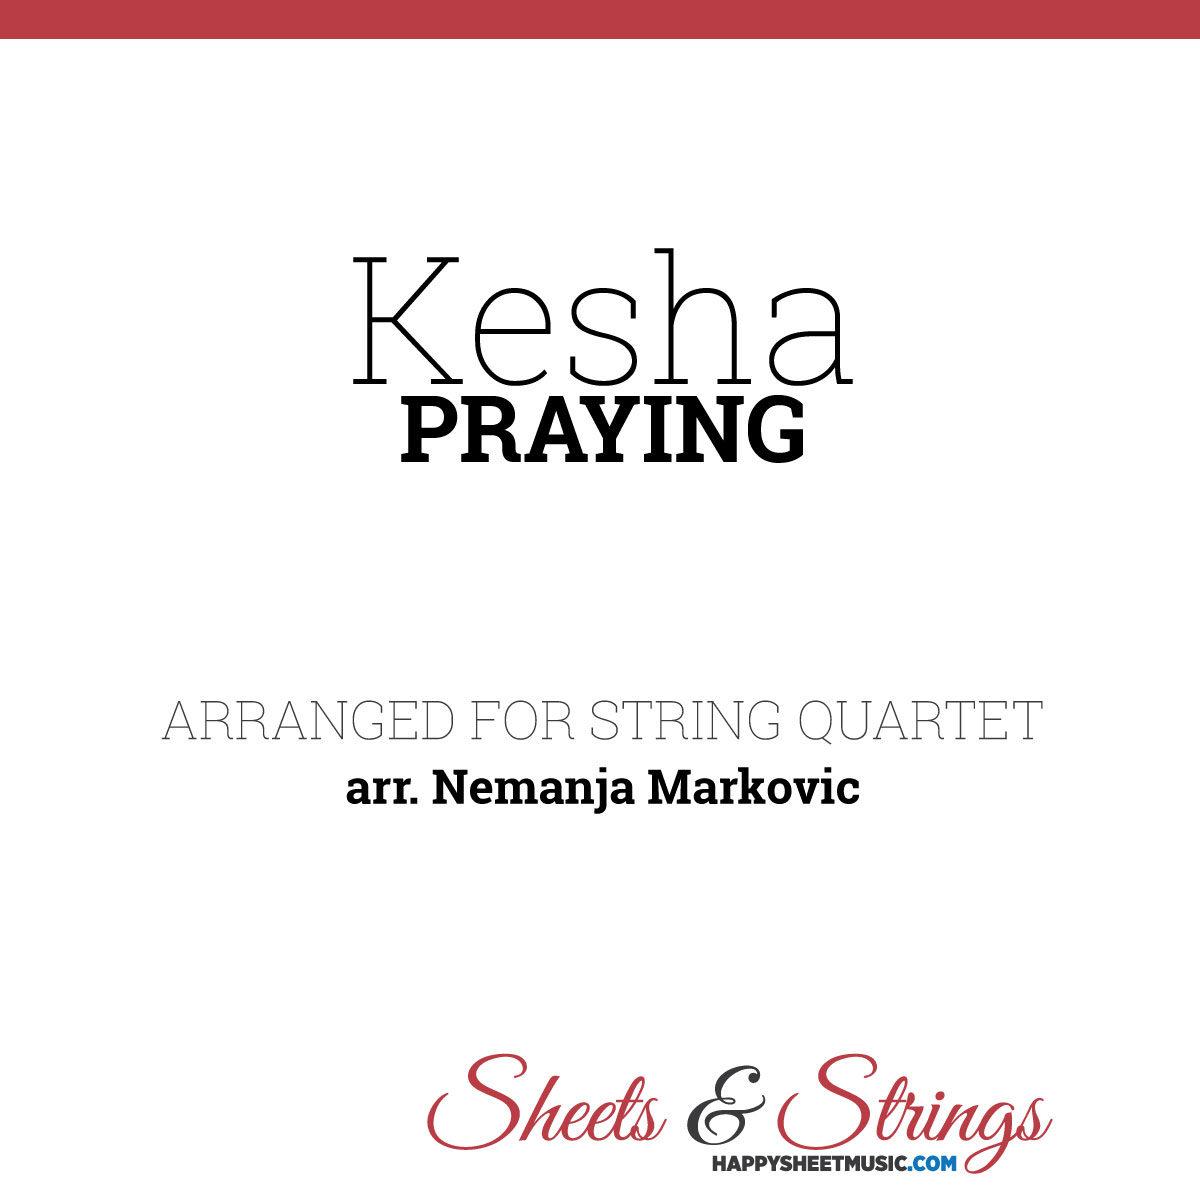 Kesha - Praying - Sheet Music for String Quartet - Music Arrangement for String Quartet